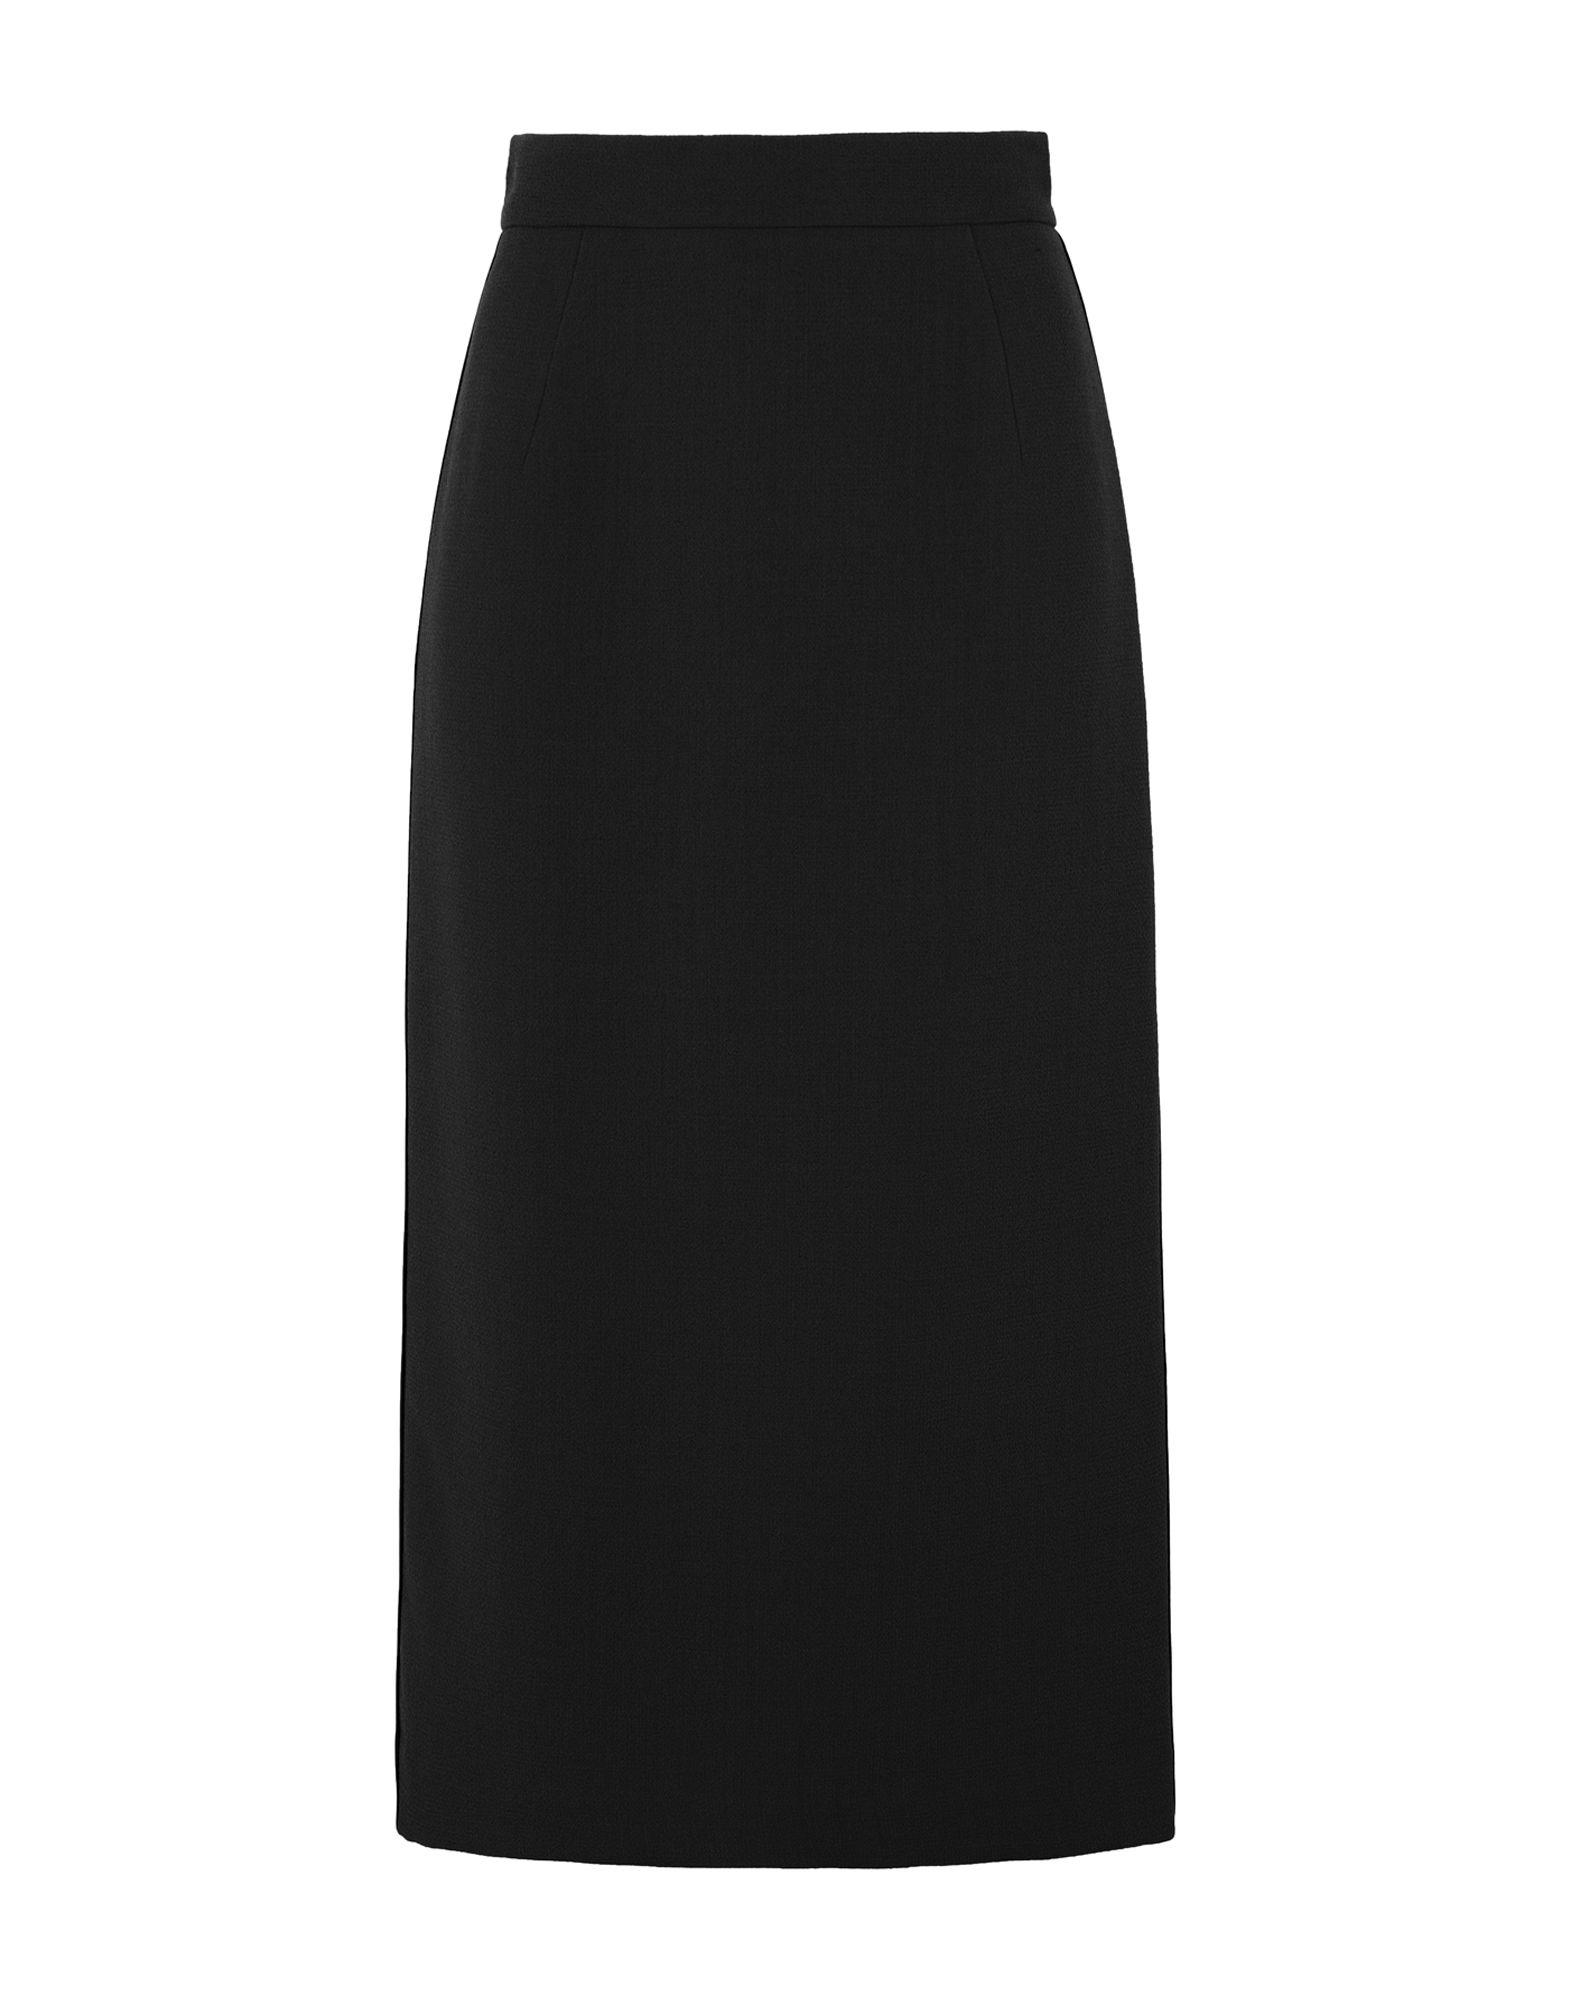 《期間限定セール開催中!》MARIANNA CIMINI レディース 7分丈スカート ブラック 38 ウール 100%